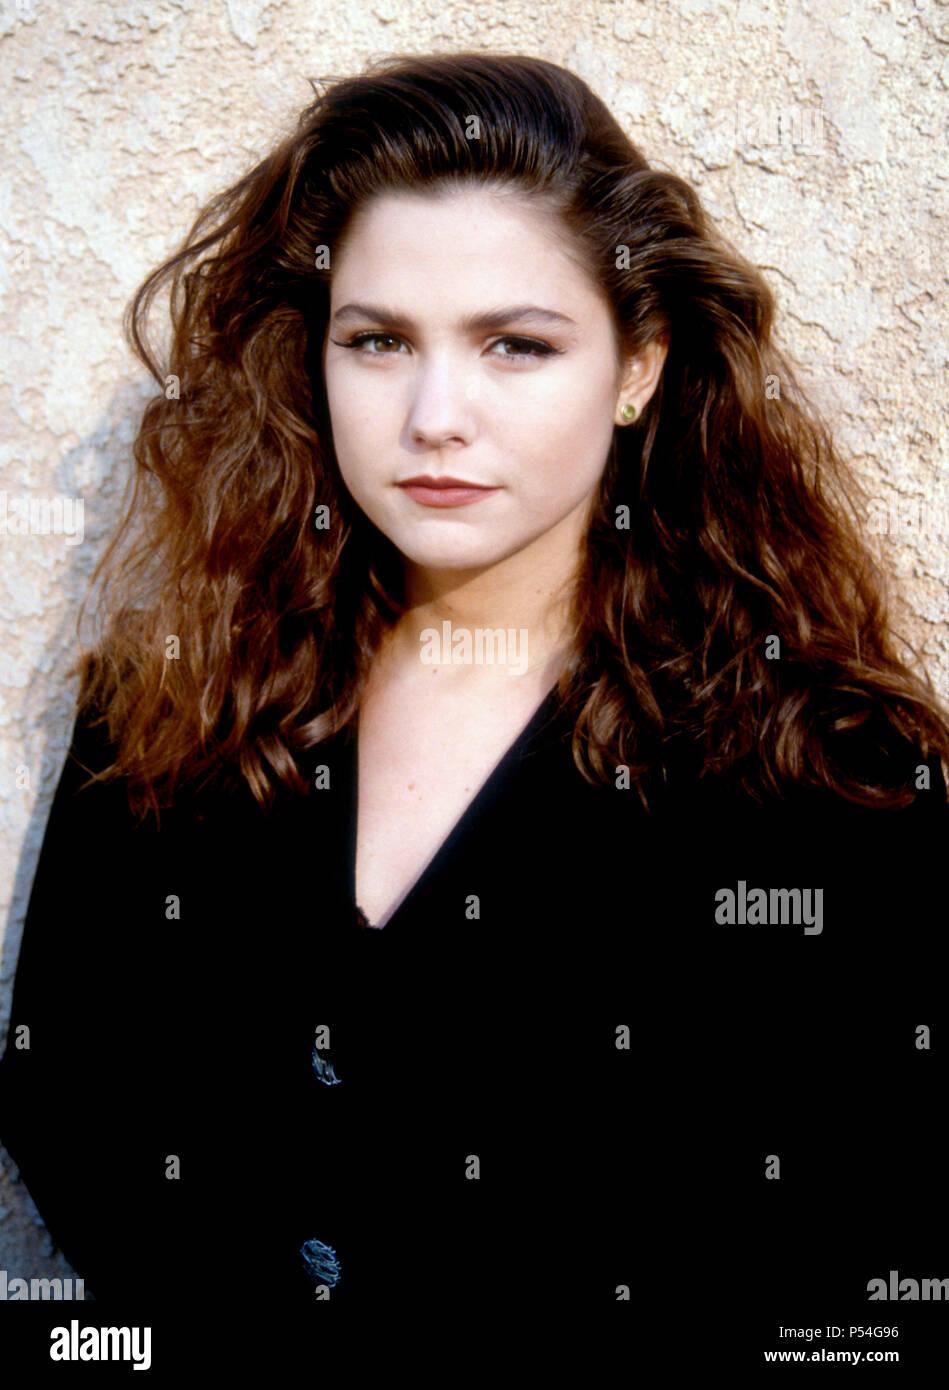 Denise Vasi born March 1, 1983 (age 35) pics